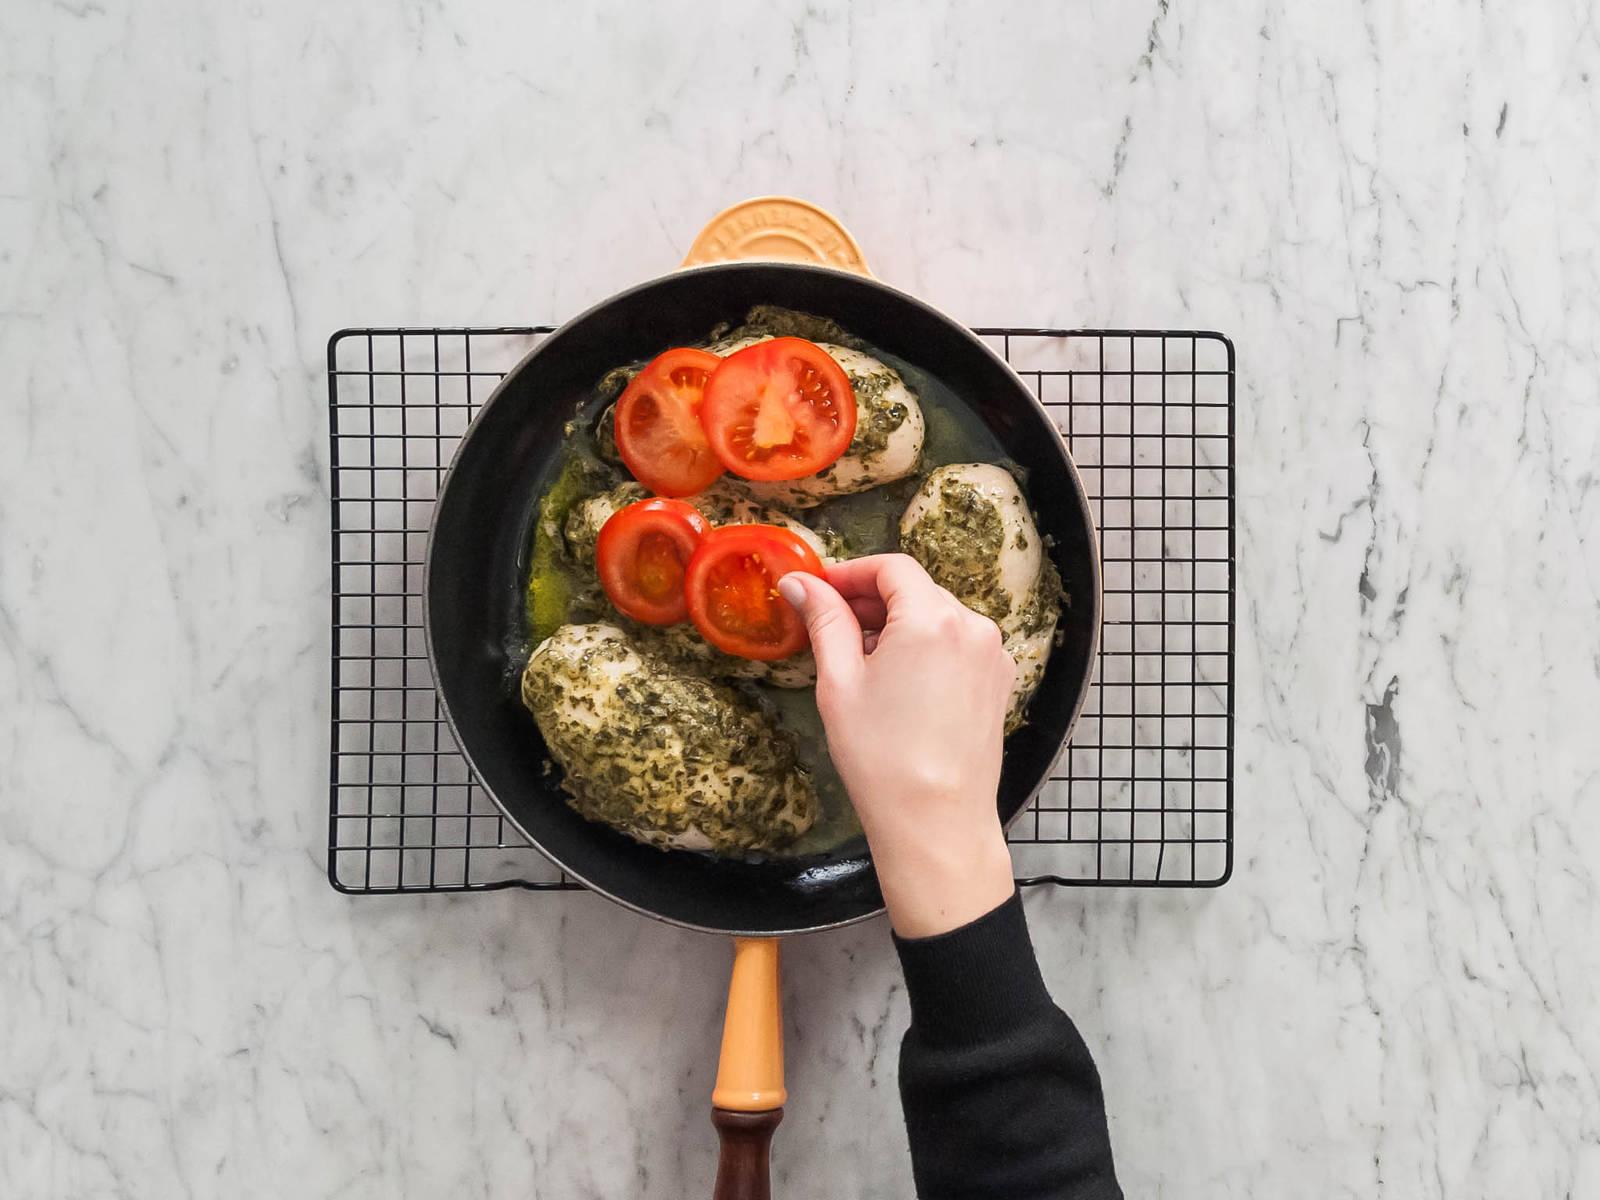 Hähnchenbrüste mit Tomatenscheiben und Käse belegen. Für weitere ca. 3 - 5 Min. backen, oder bis der Käse geschmolzen ist. Wenn gewünscht, mit frischem Basilikum garniert servieren.